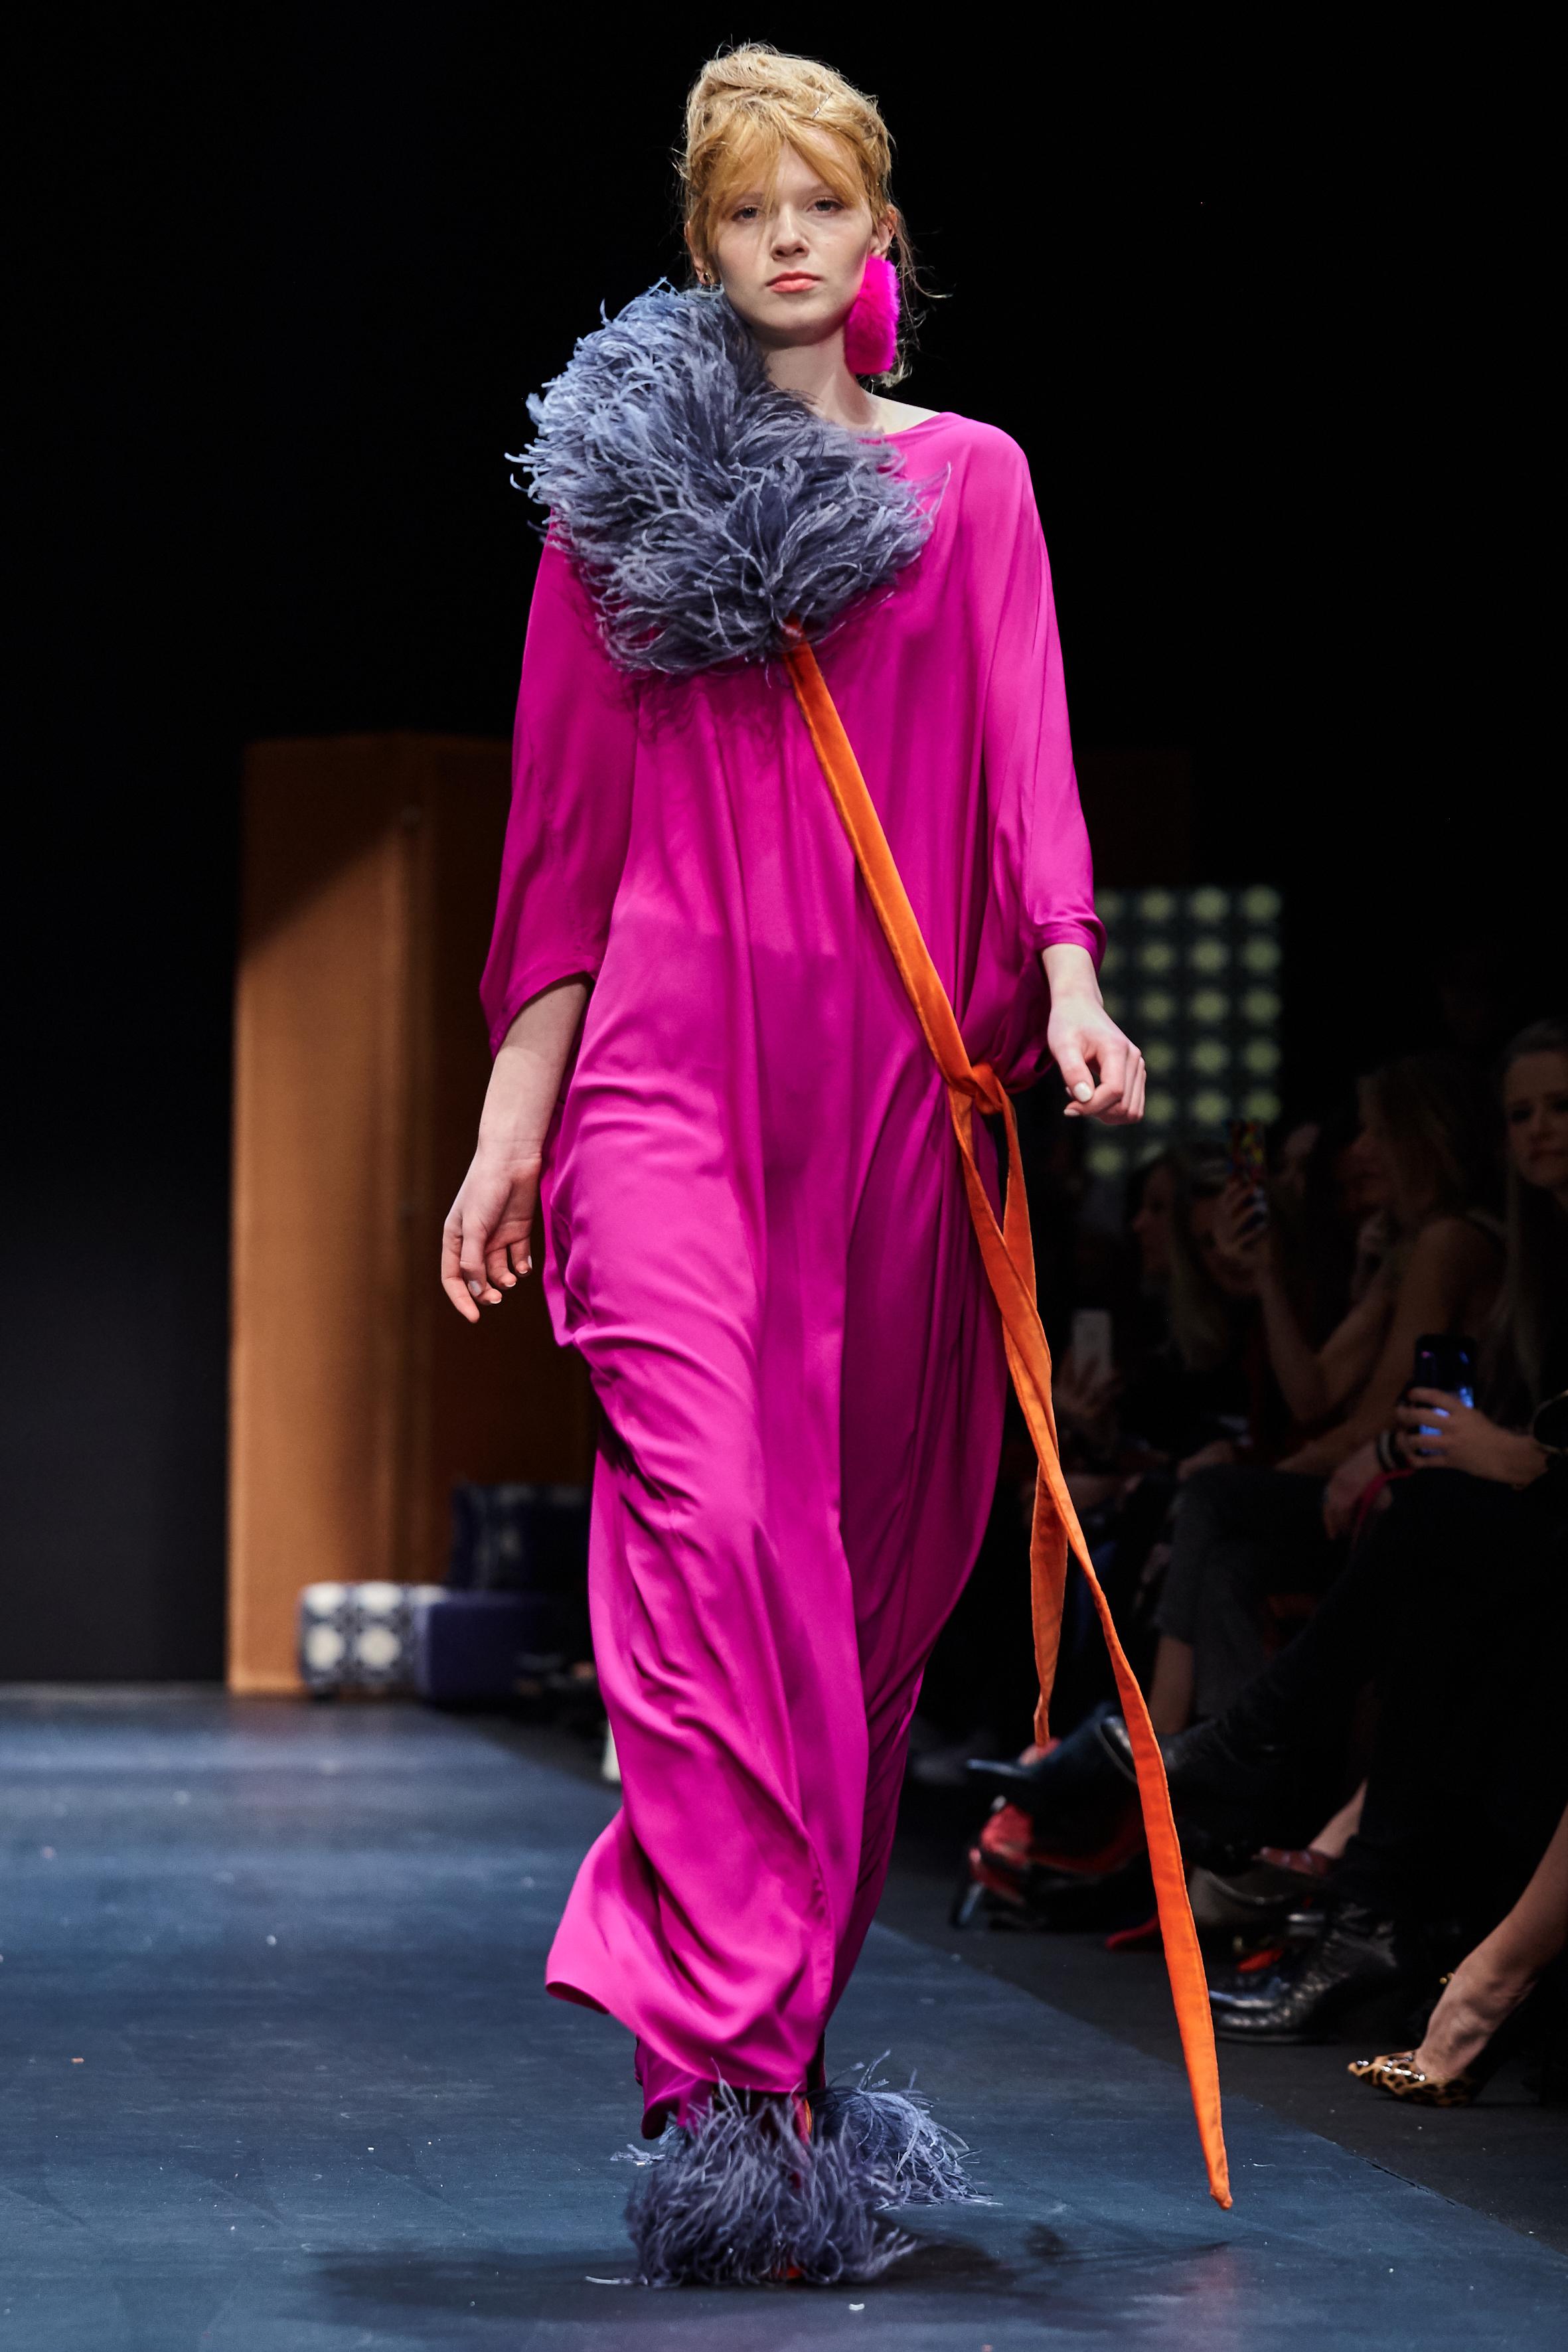 Looks_DawidTomaszewski_FashionWeekAW2018-19_HeidiRondak 168.jpg